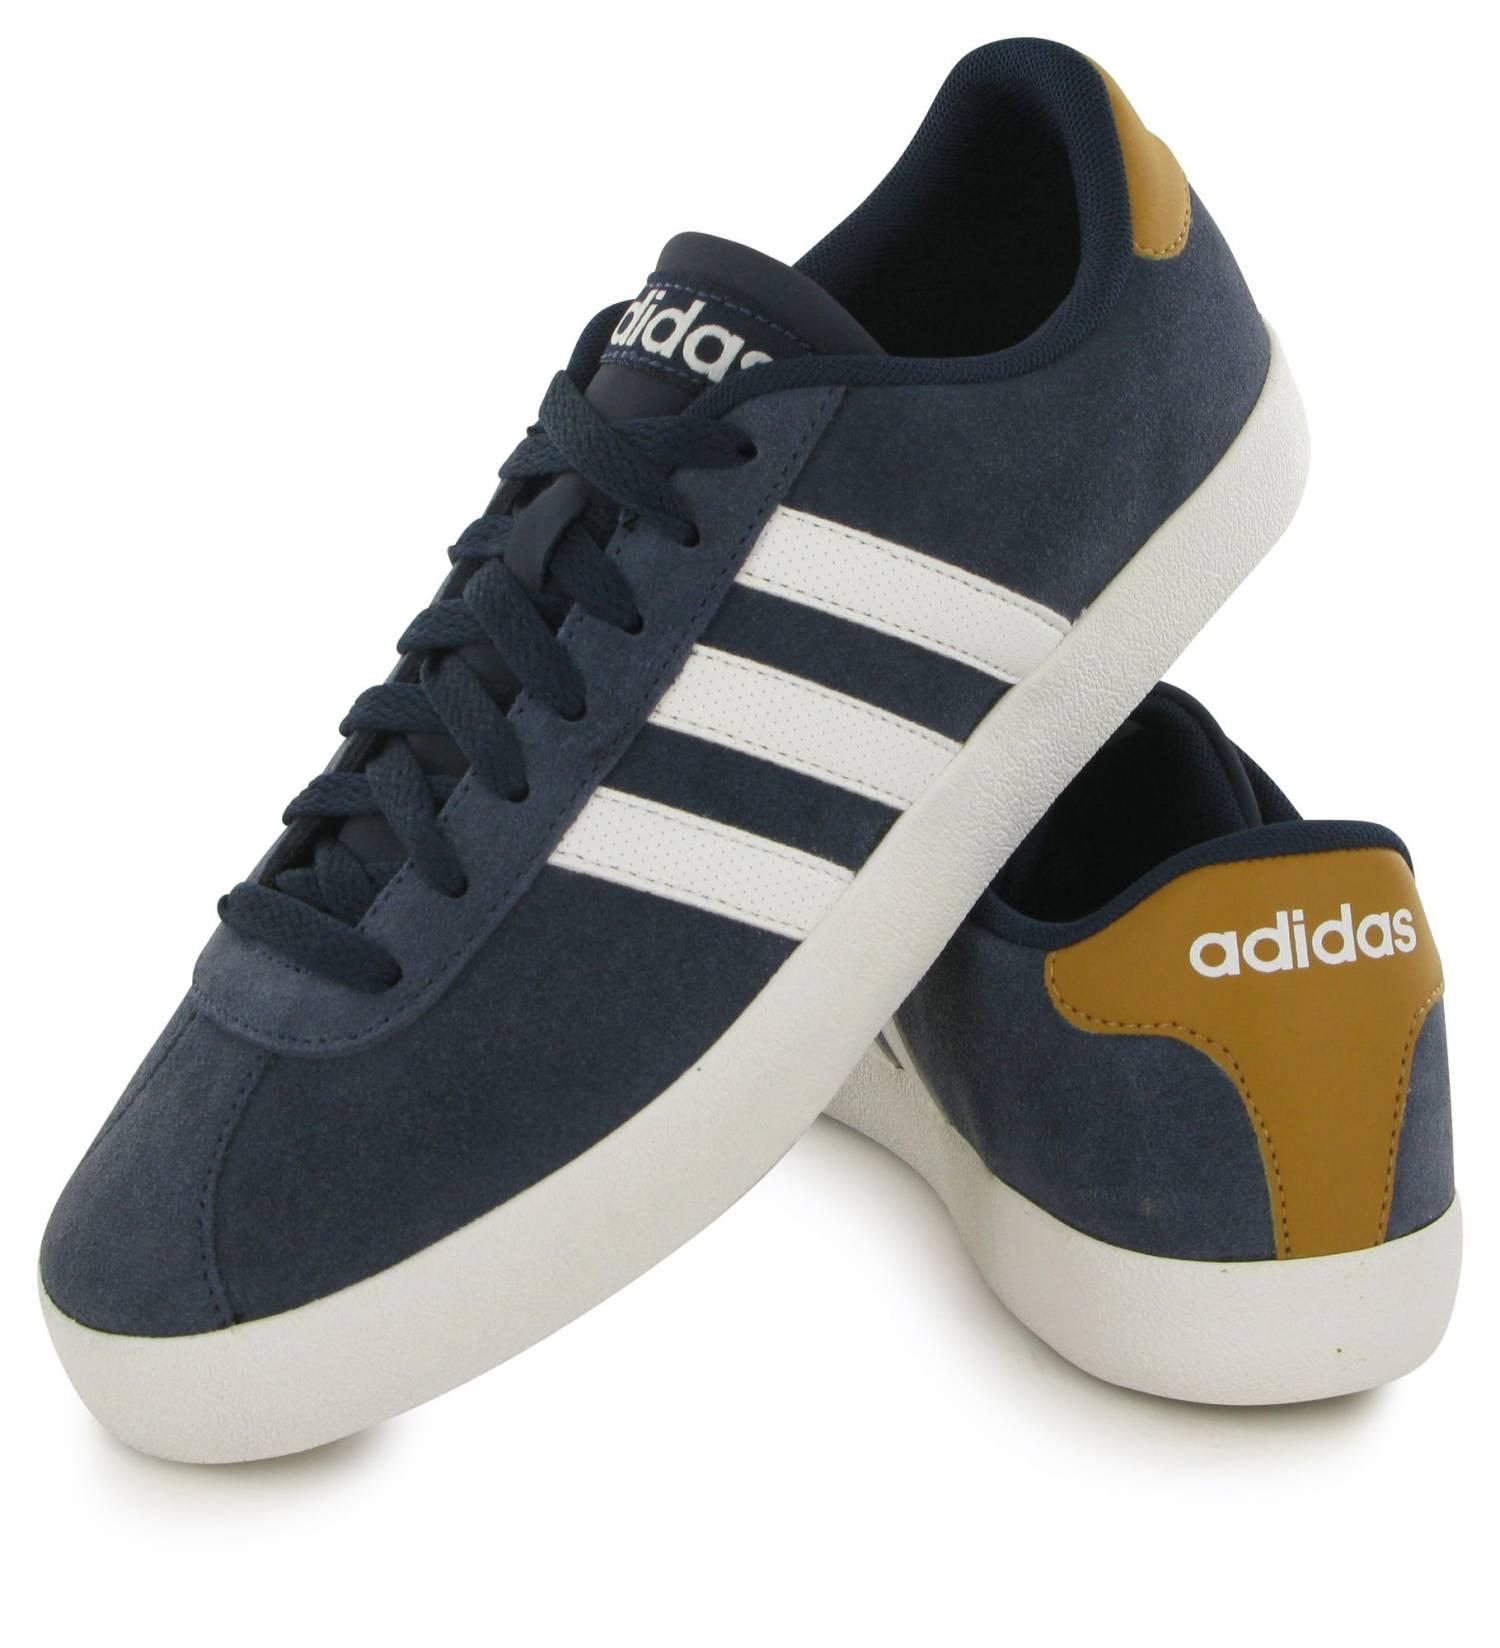 Adidas Neo Court Vulc Marine